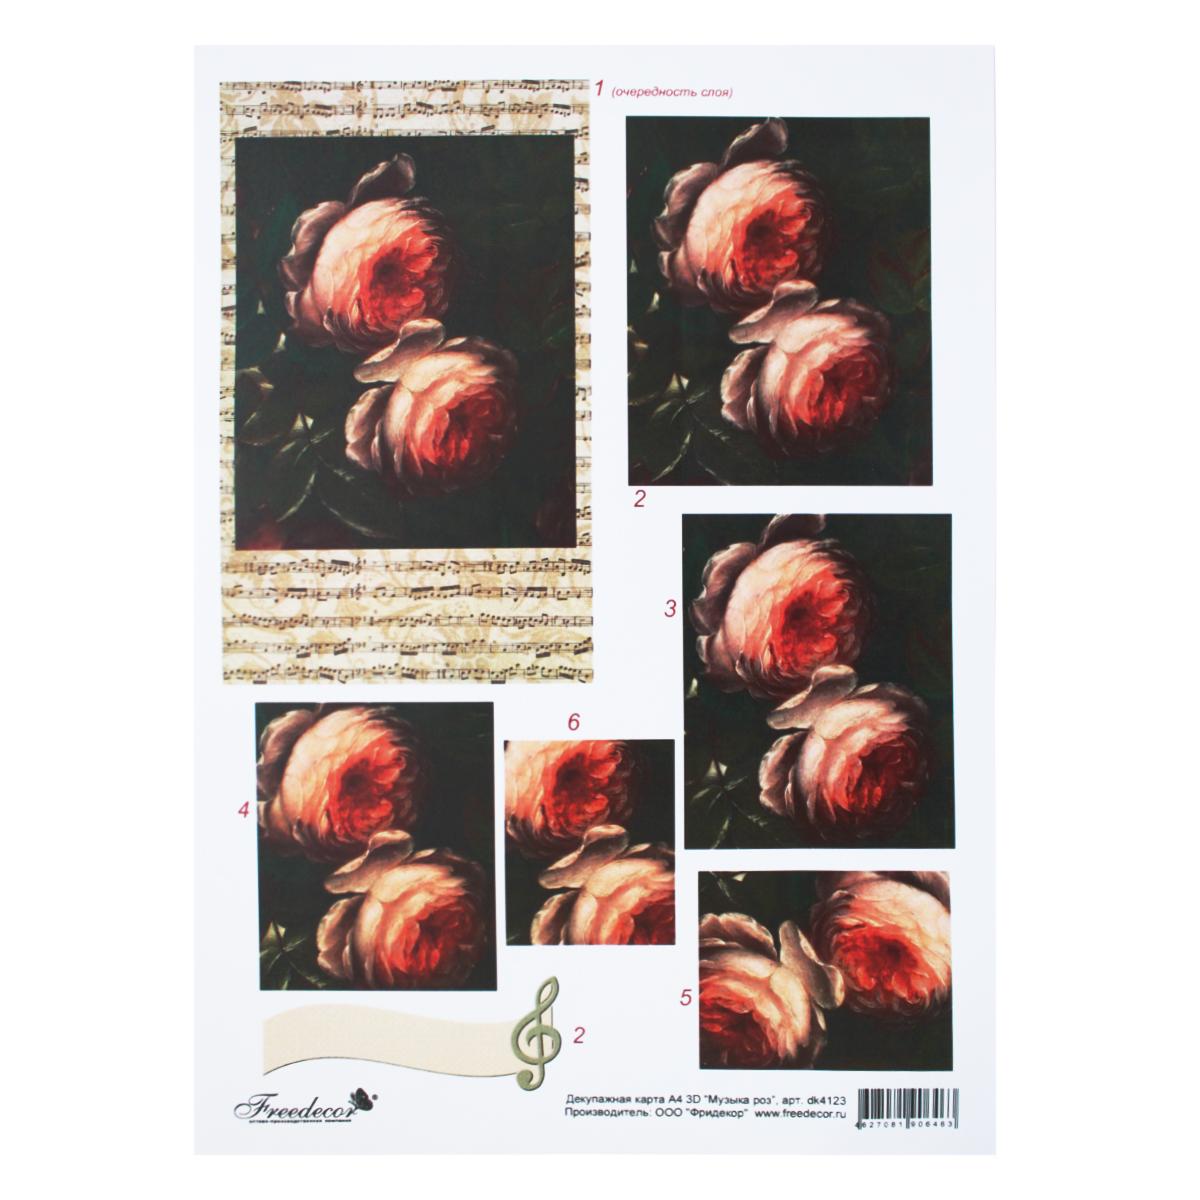 Декупажная карта Freedecor Музыка роз, А3, 80 гр./м.кв. Dk 4123688642_4123музыкарозДекупажные карты Фридекор отличаются оригинальными, стильными дизайнами и прекрасным качеством. Печать декупажных карт происходит на бумаге плотностью 80 гр/м2.